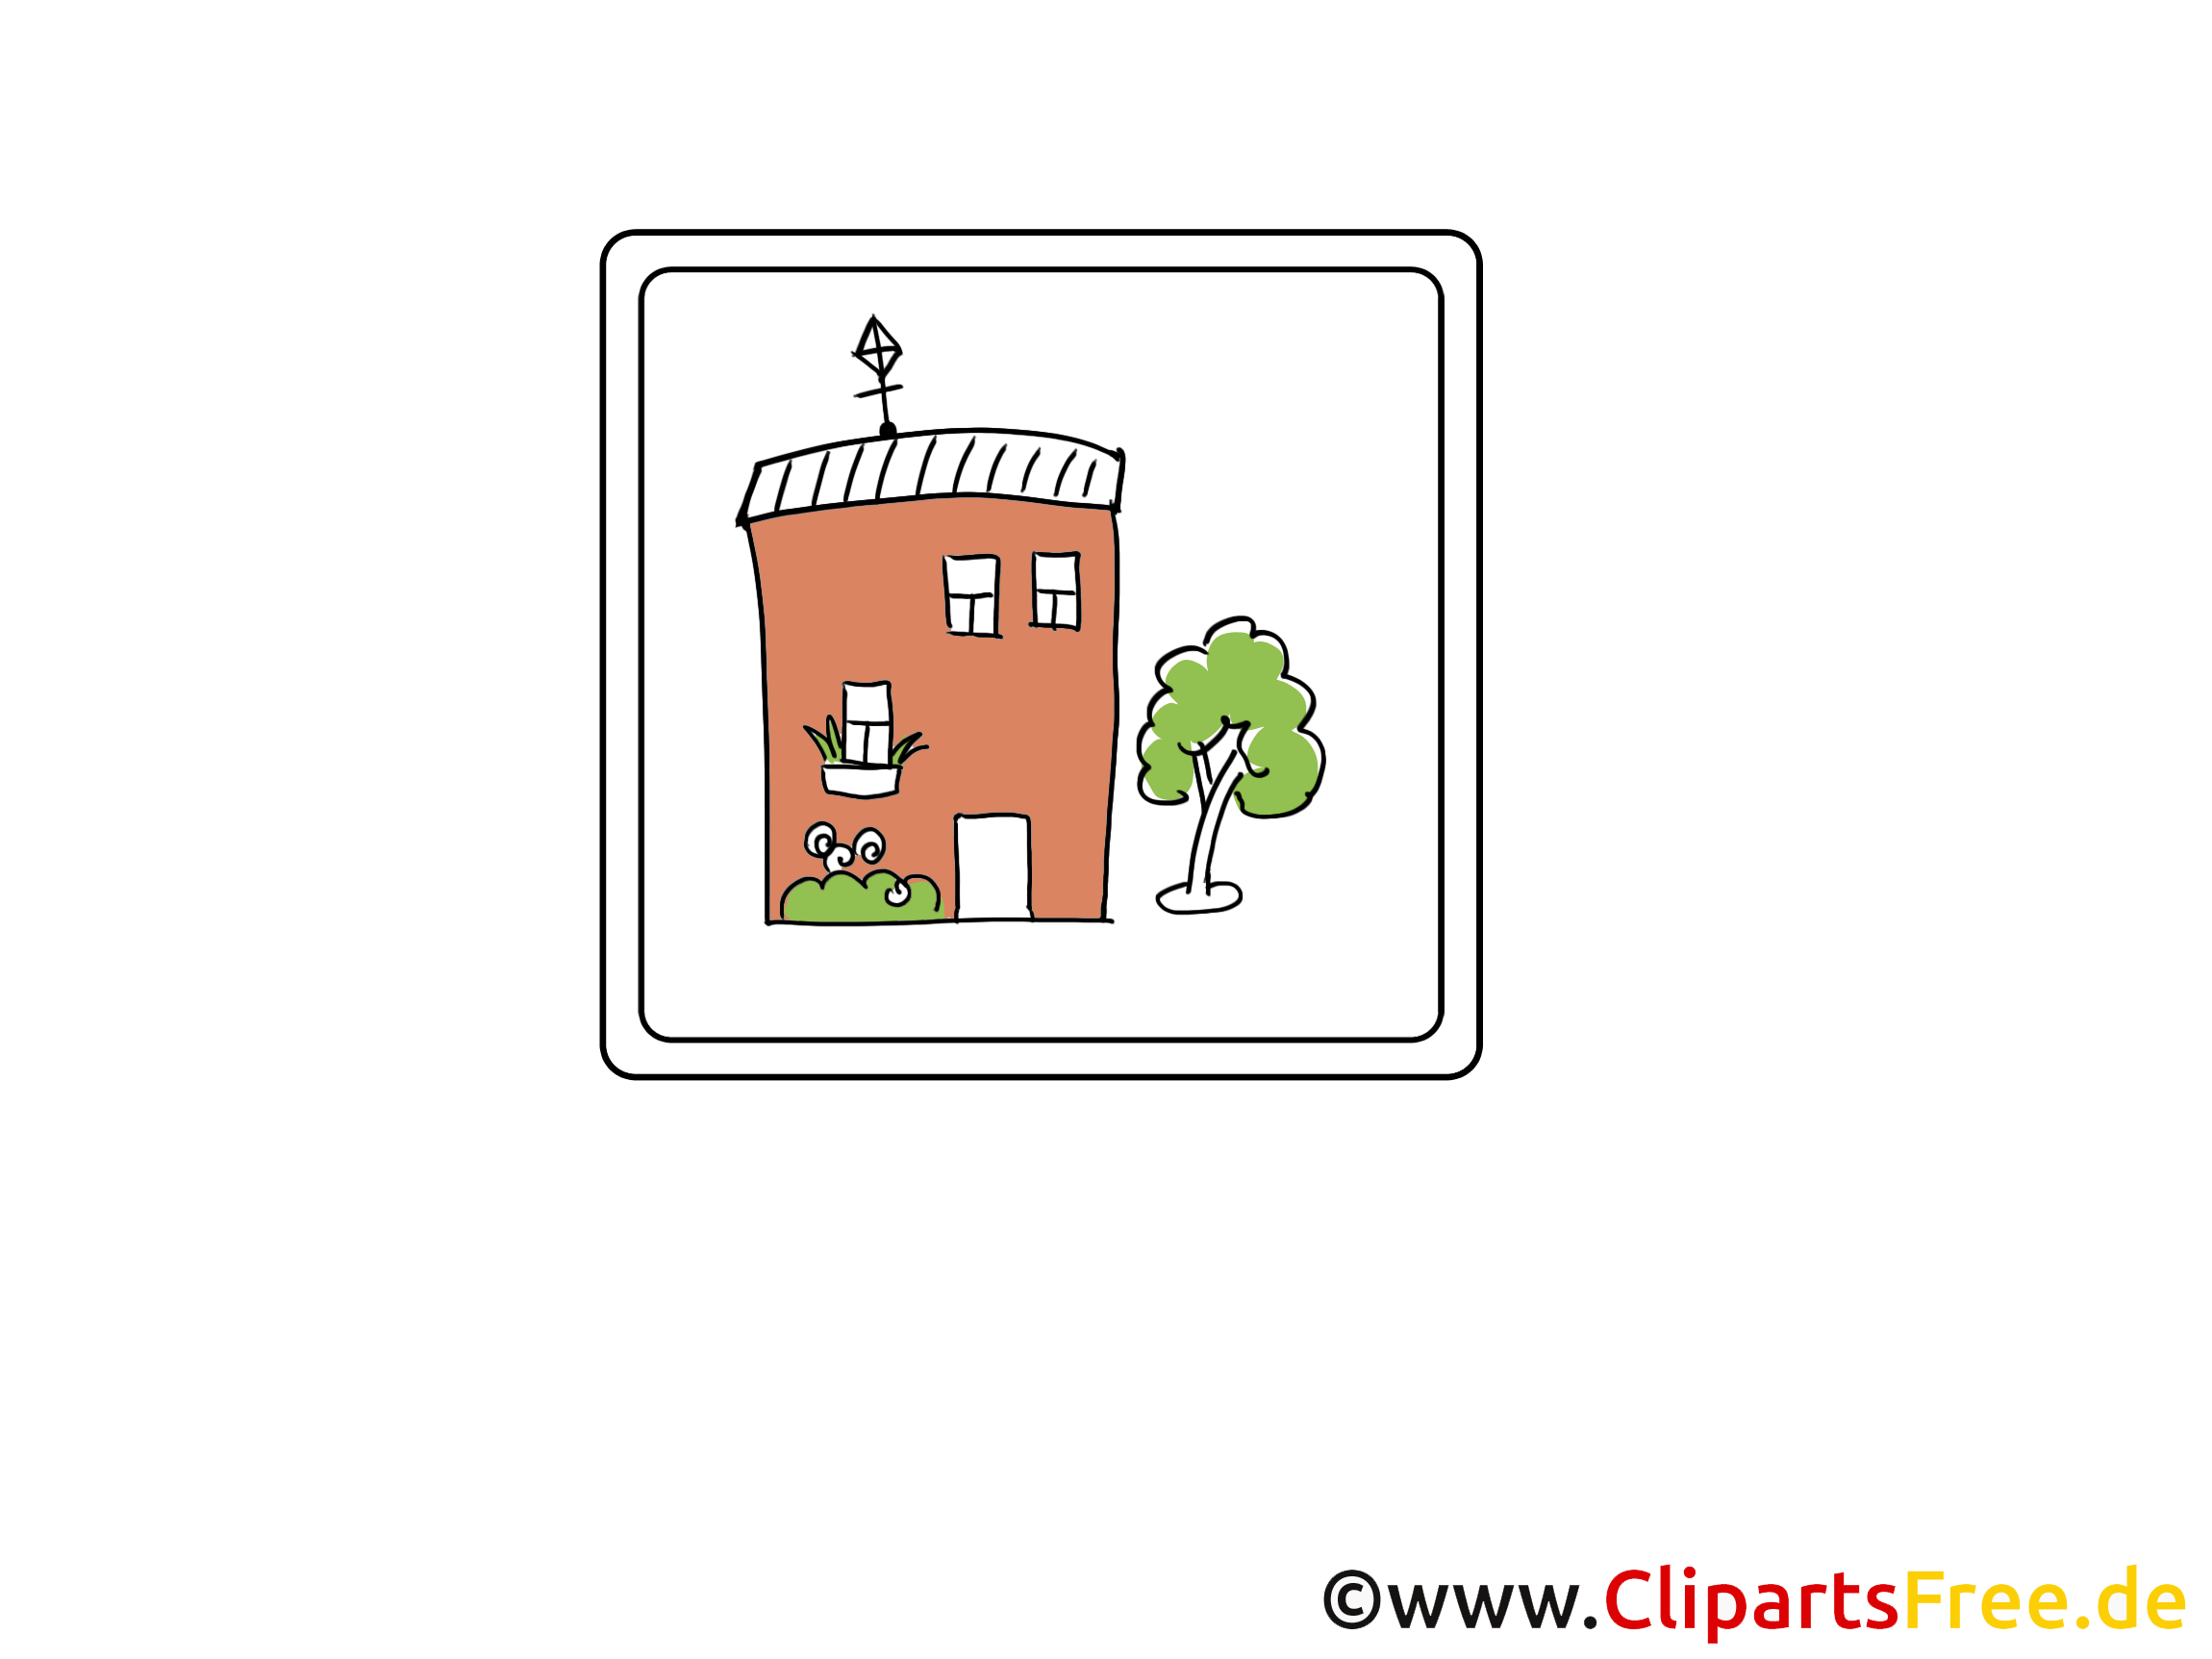 Maison cliparts gratuis - Icône images